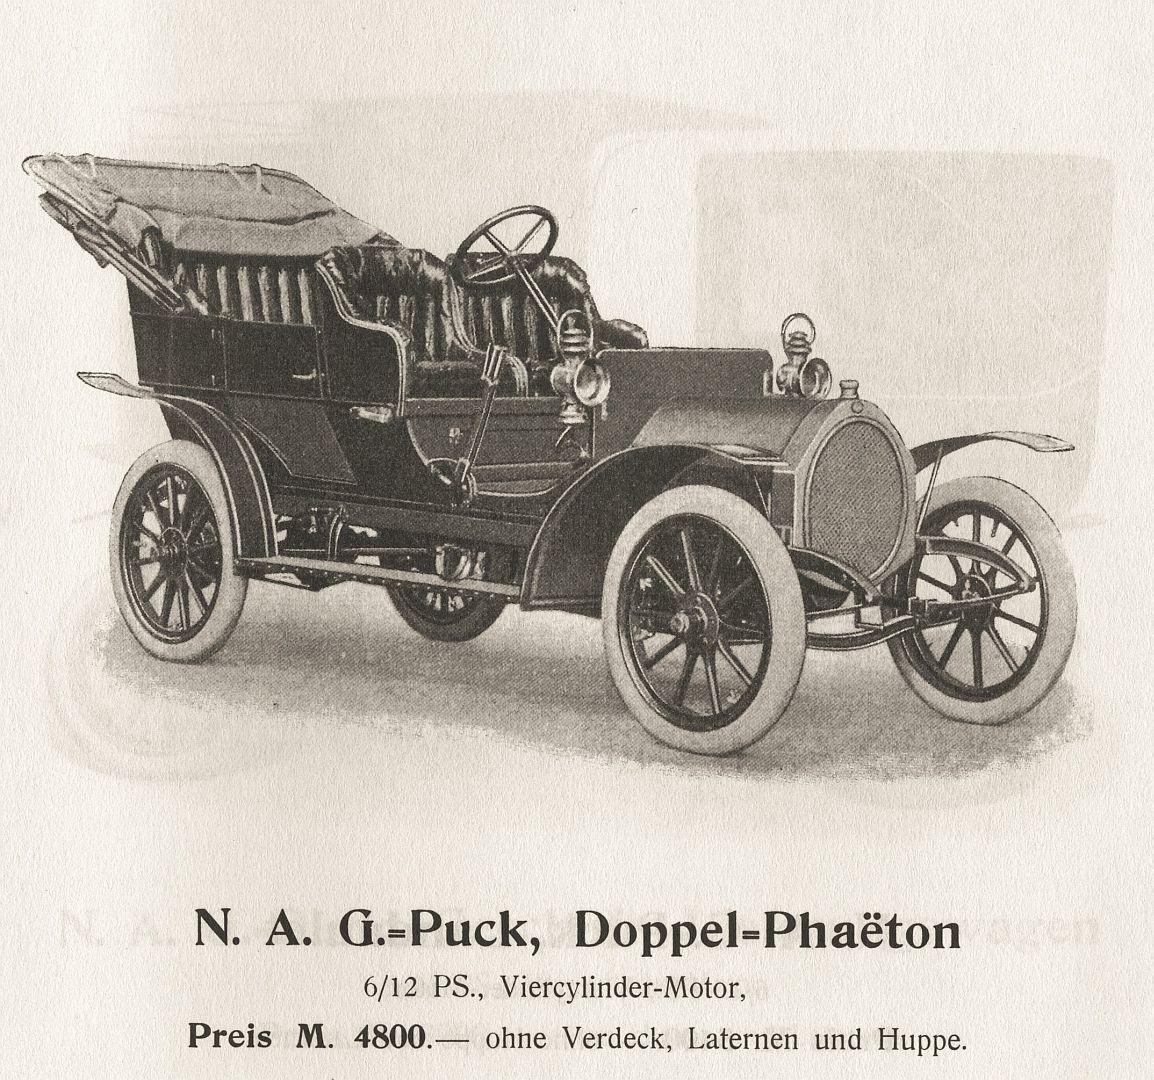 nag_puck_6-12_ps_1908-1911_galerie